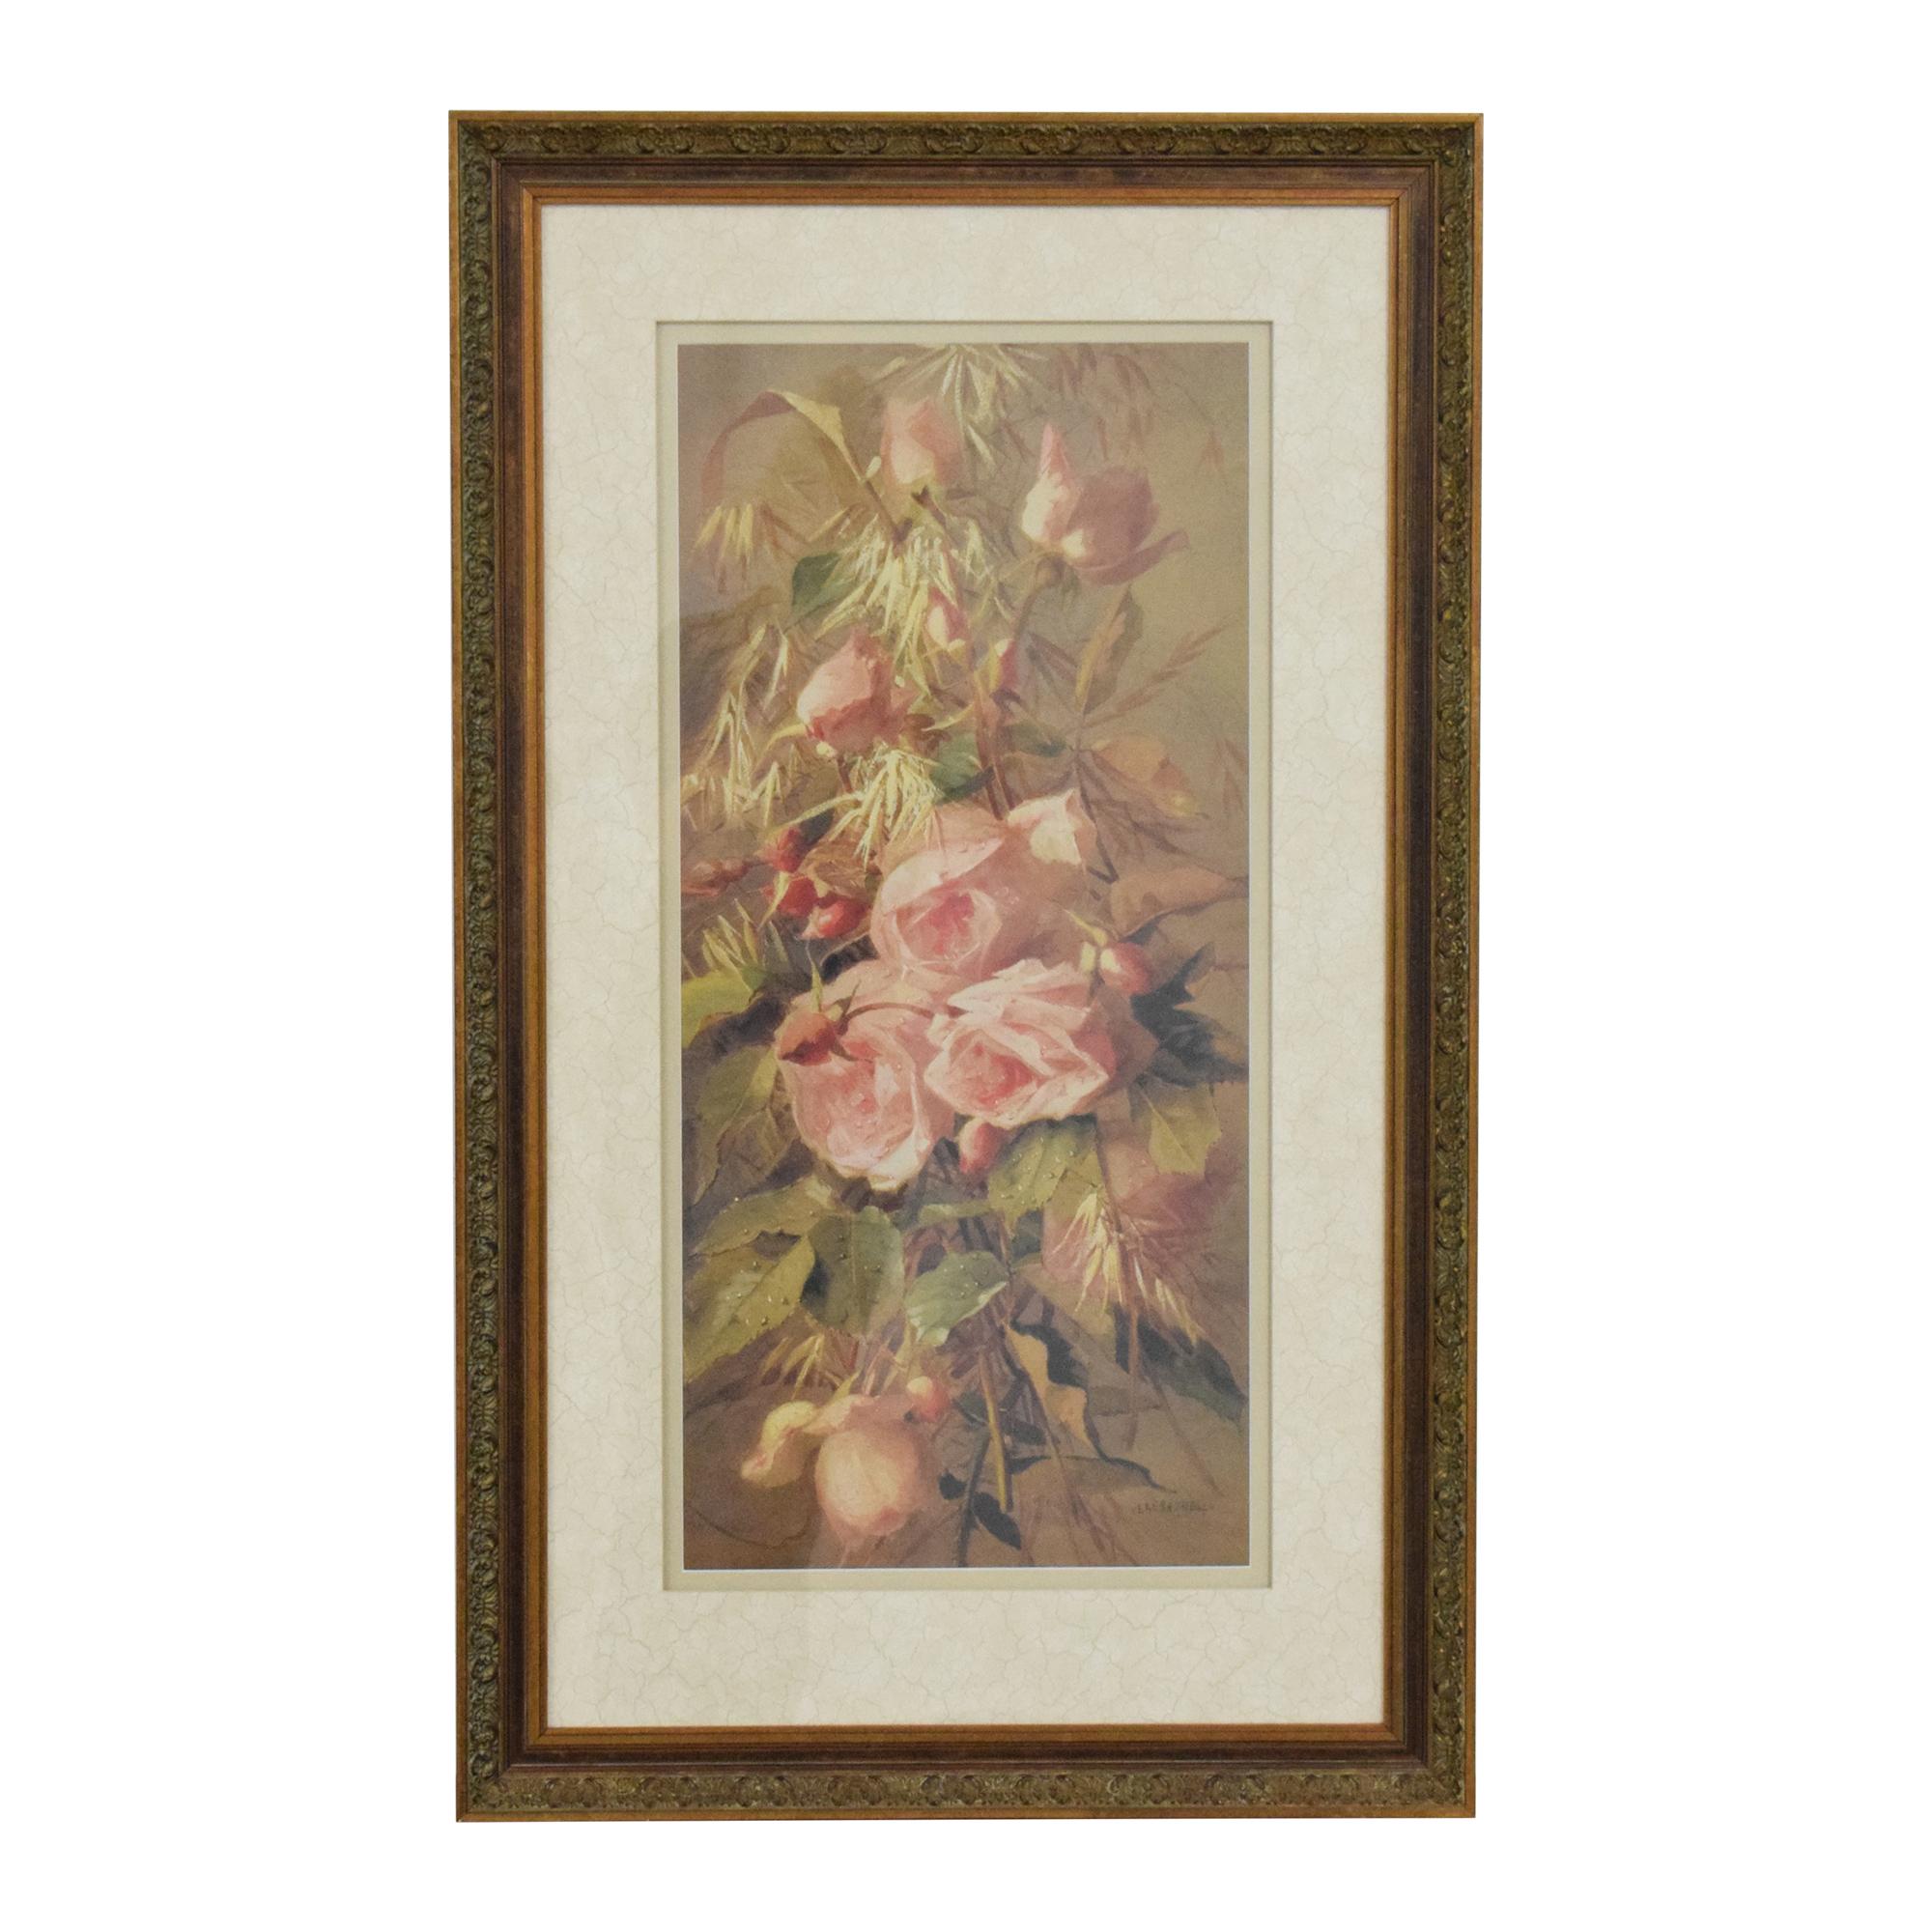 Ethan Allen Ethan Allen Roses Wall Art Decor